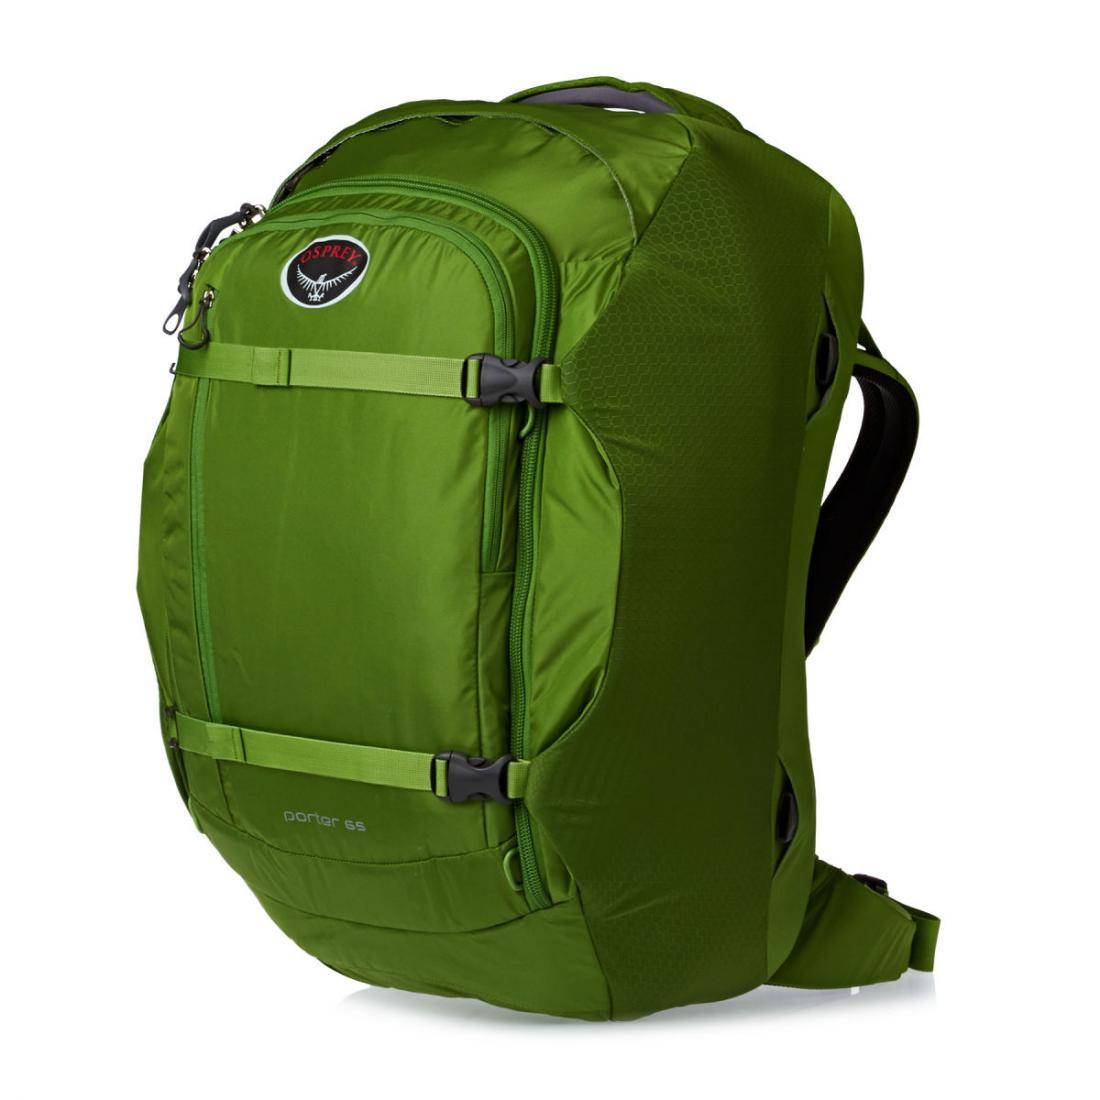 Сумка-рюкзак Porter 65Рюкзаки<br>Porter 65 - идеальный надежный и удобный рюкзак для путешествий. Несколько карманов внутри основного отделения позволяют разложить все вещи по местам. Опытным путешественникам понравится передний карман с мягким отсеком для ноутбука или планшета. Тради...<br><br>Цвет: Темно-зеленый<br>Размер: 65 л